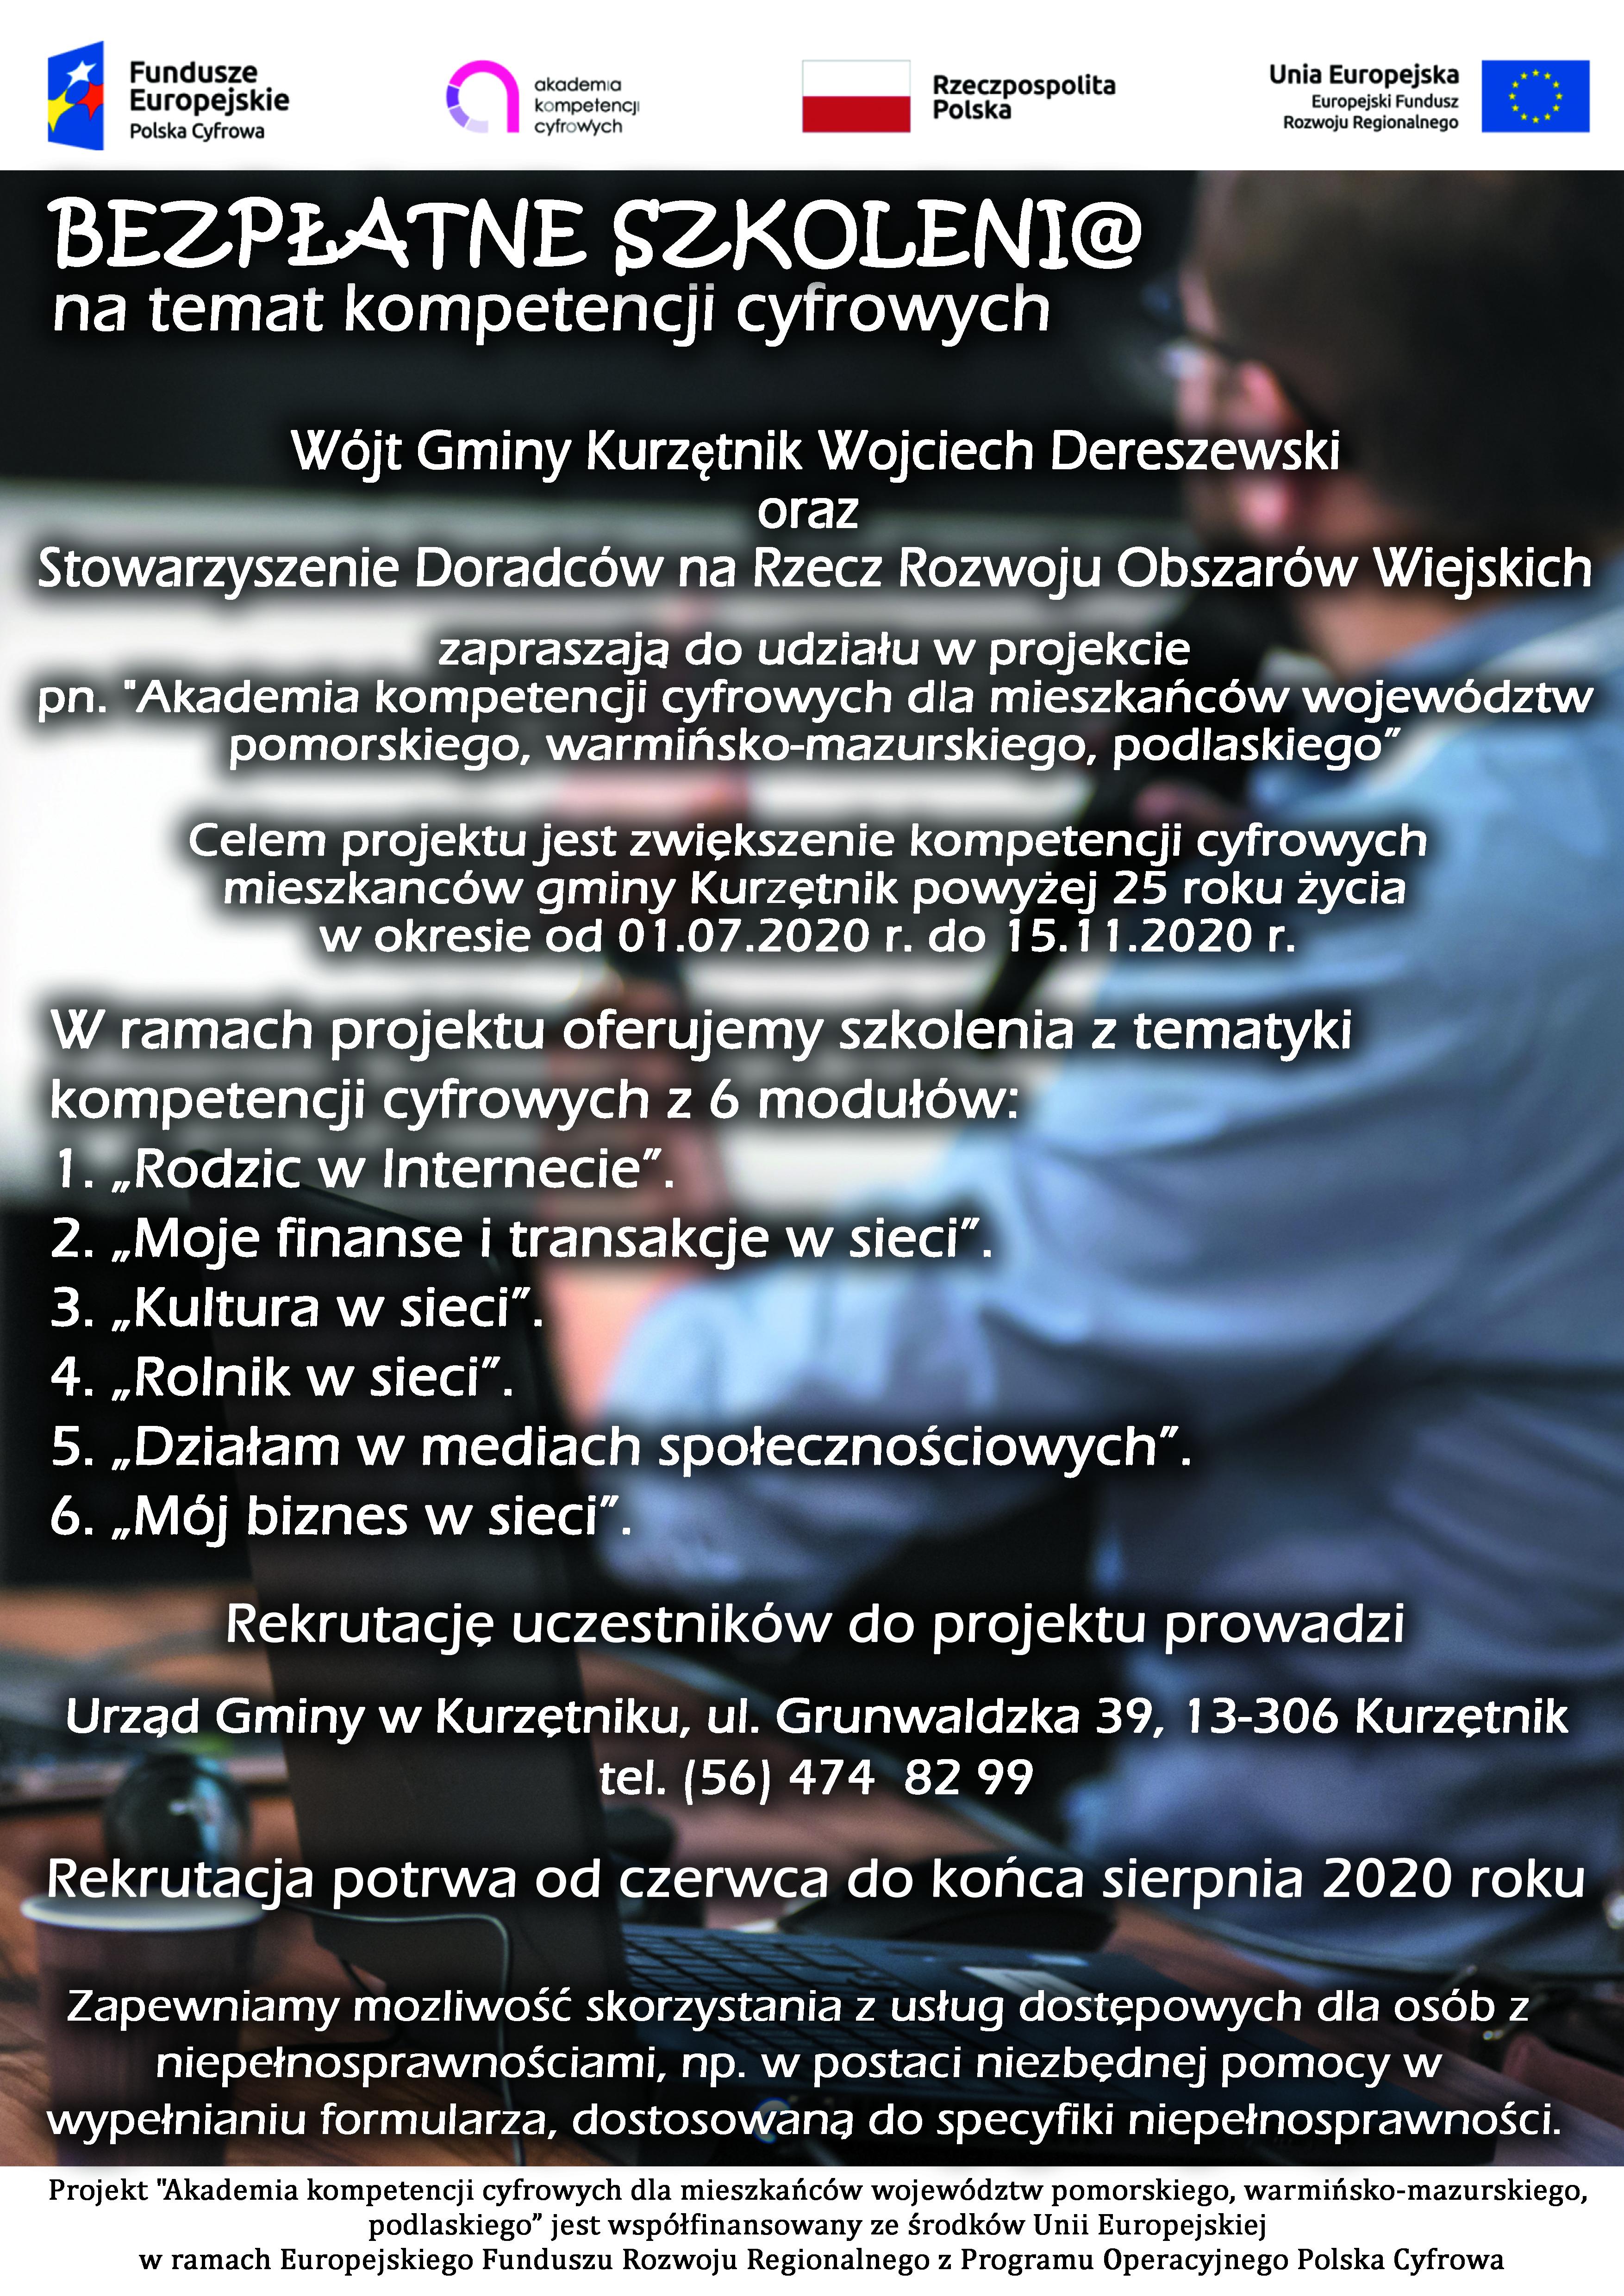 Ilustracja do informacji: Akademia kompetencji cyfrowych dla mieszkańców województw pomorskiego, warmińsko-mazurskiego, podlaskiego - przedłużenie terminu naboru